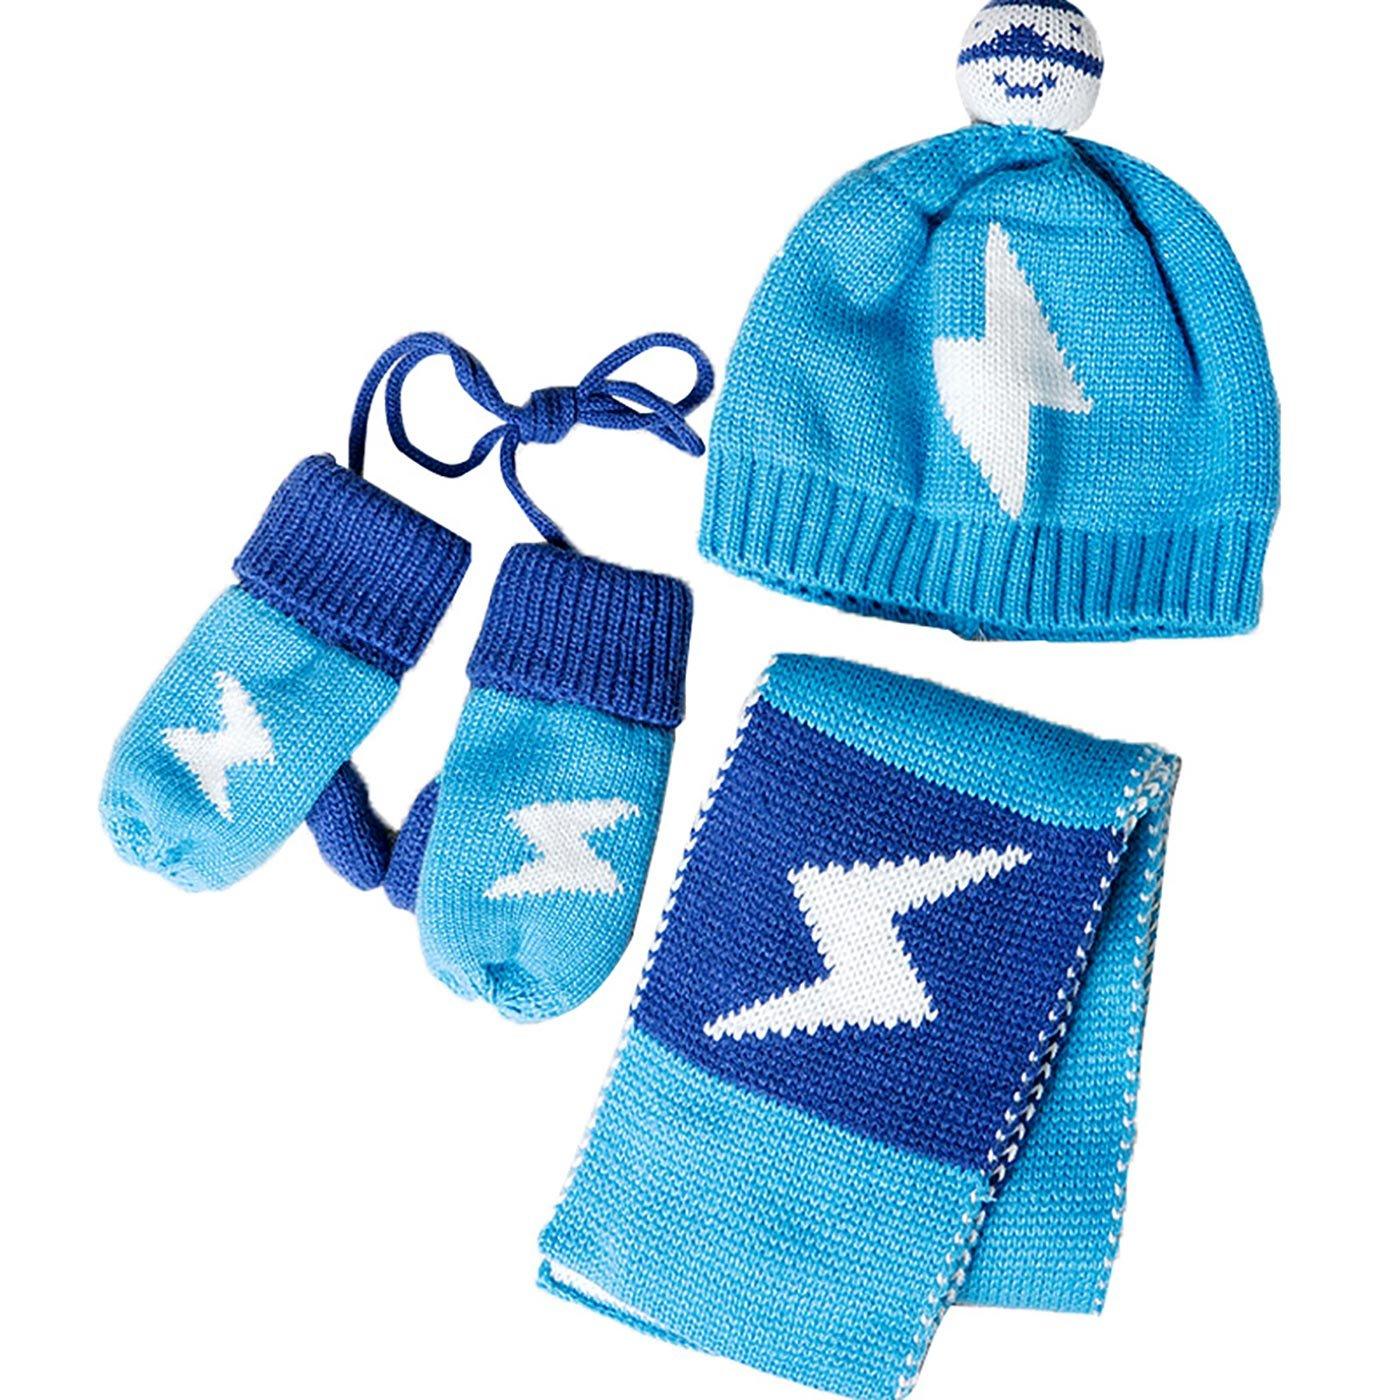 532b8c9c2 GONGZHUMAMA - Baby Set de 3 Gorro de Punto Resistente al Viento Elástico  para Bebé Niños Niñas Bufanda de Lana Calentito para Recién Nacido Guantes  de Lana ...